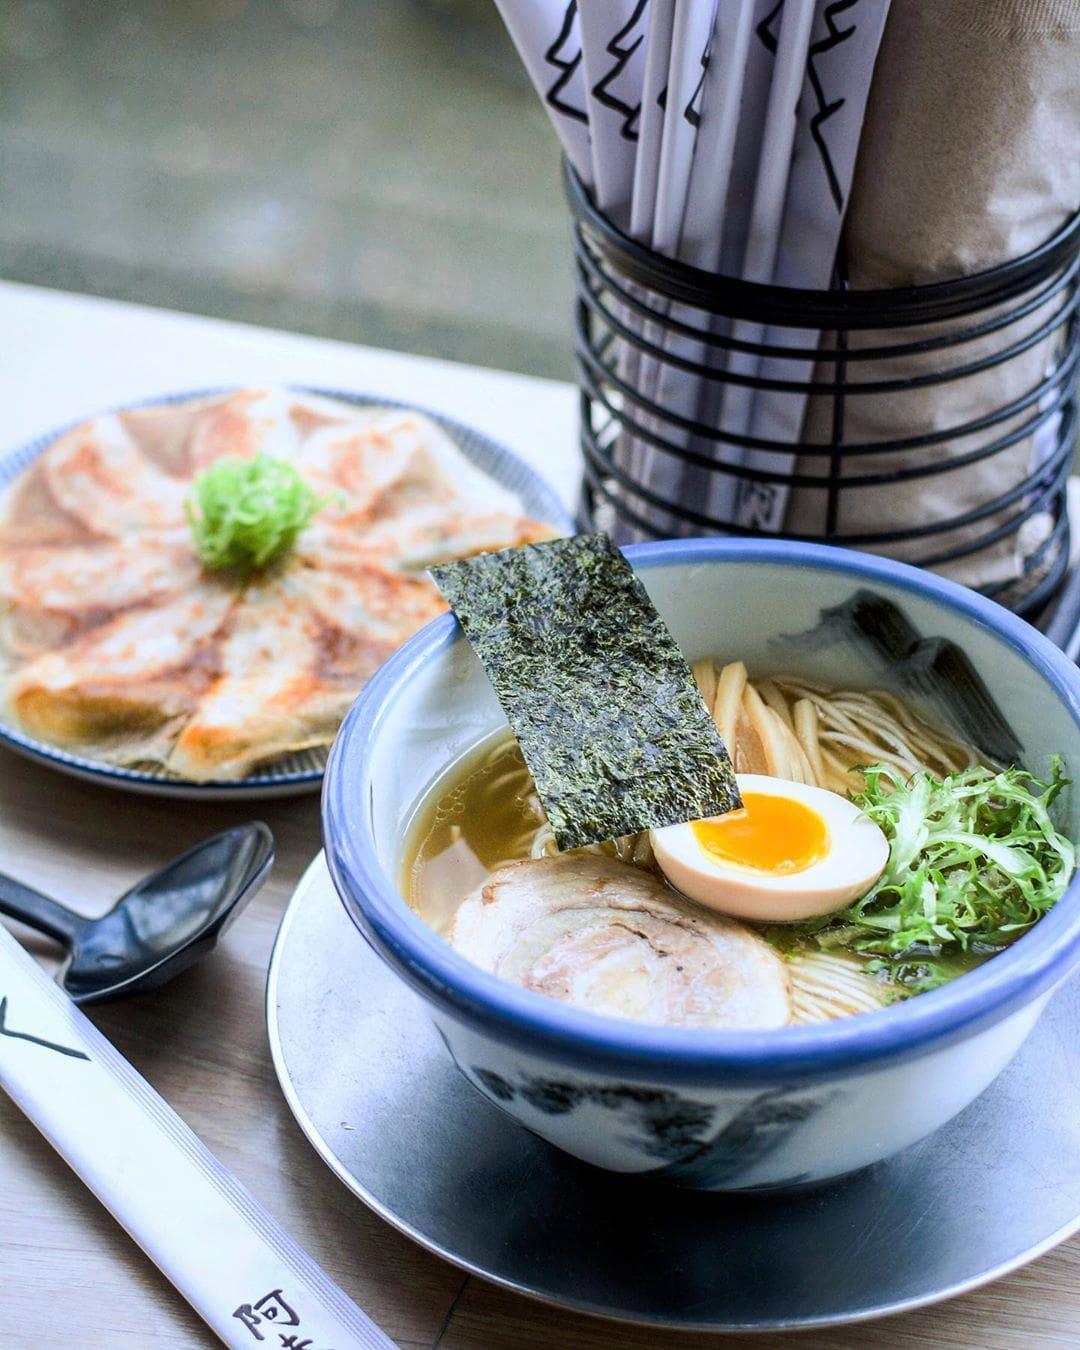 Afuri Ramen - yuzu shoyu ramen and dumplings